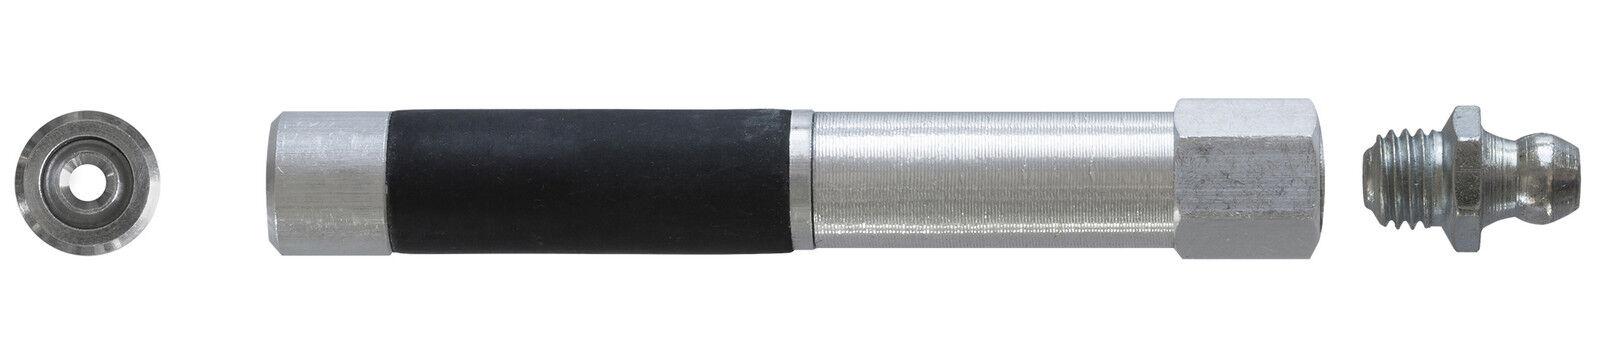 1 St.Injekttionspacker Rostfrei 10 x 150 mm  zum verpressen von Rissen